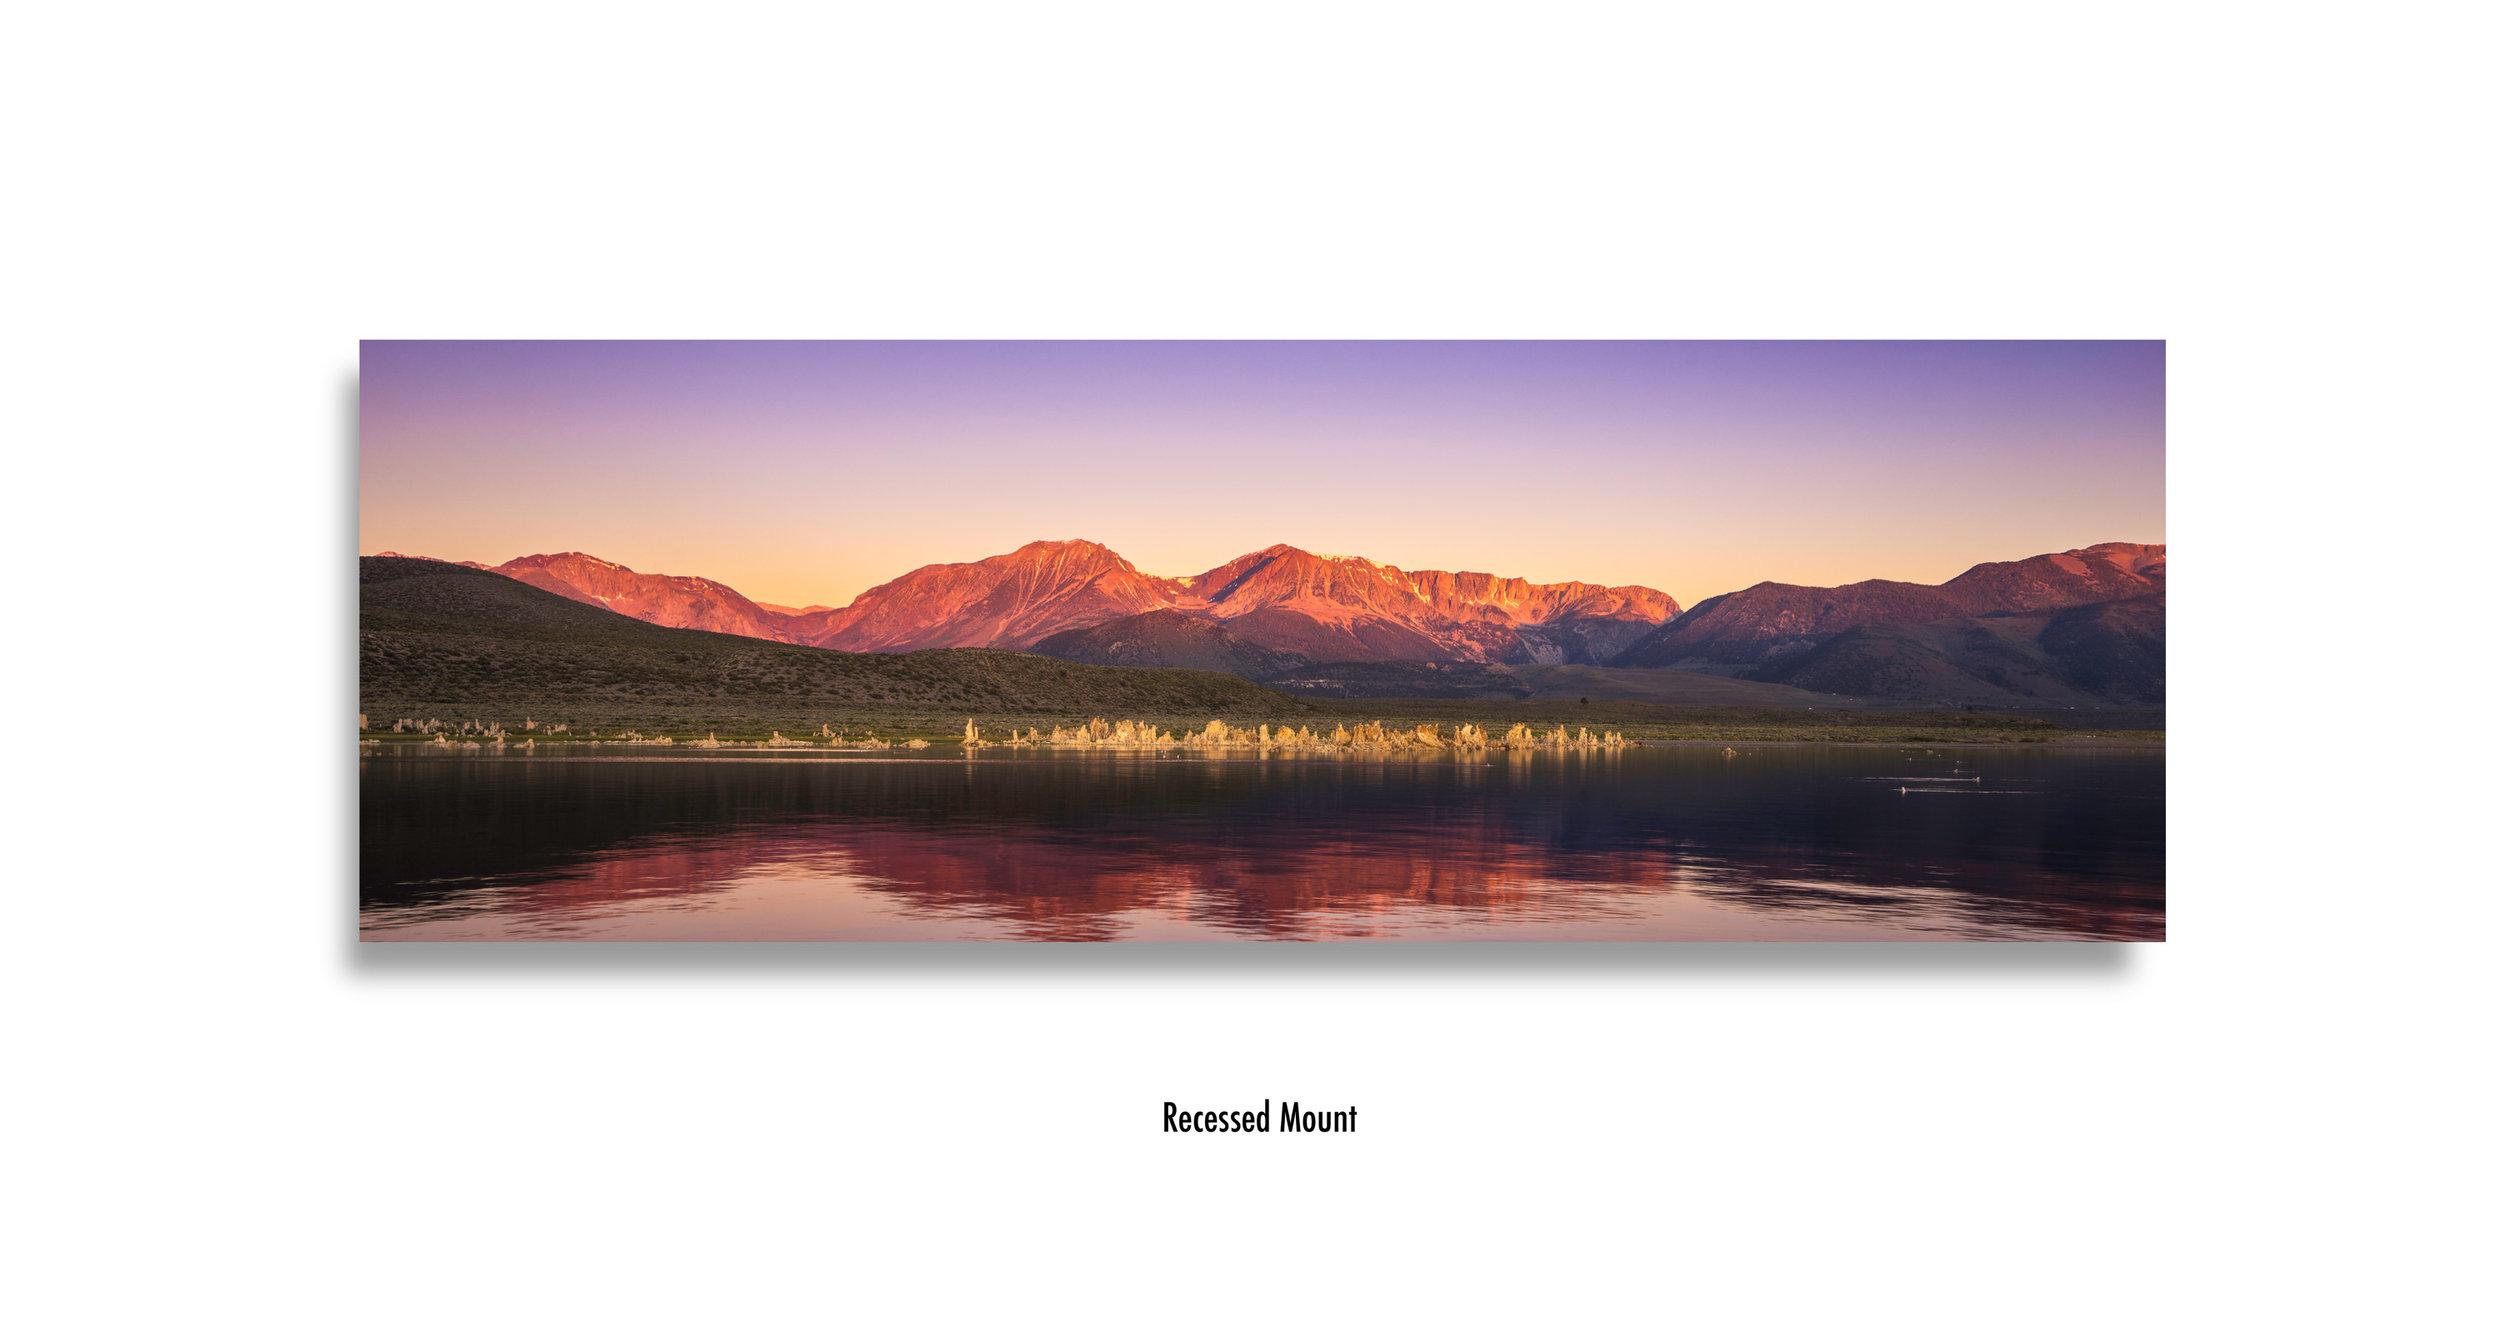 Royal-Skies-recessed-mount.jpg